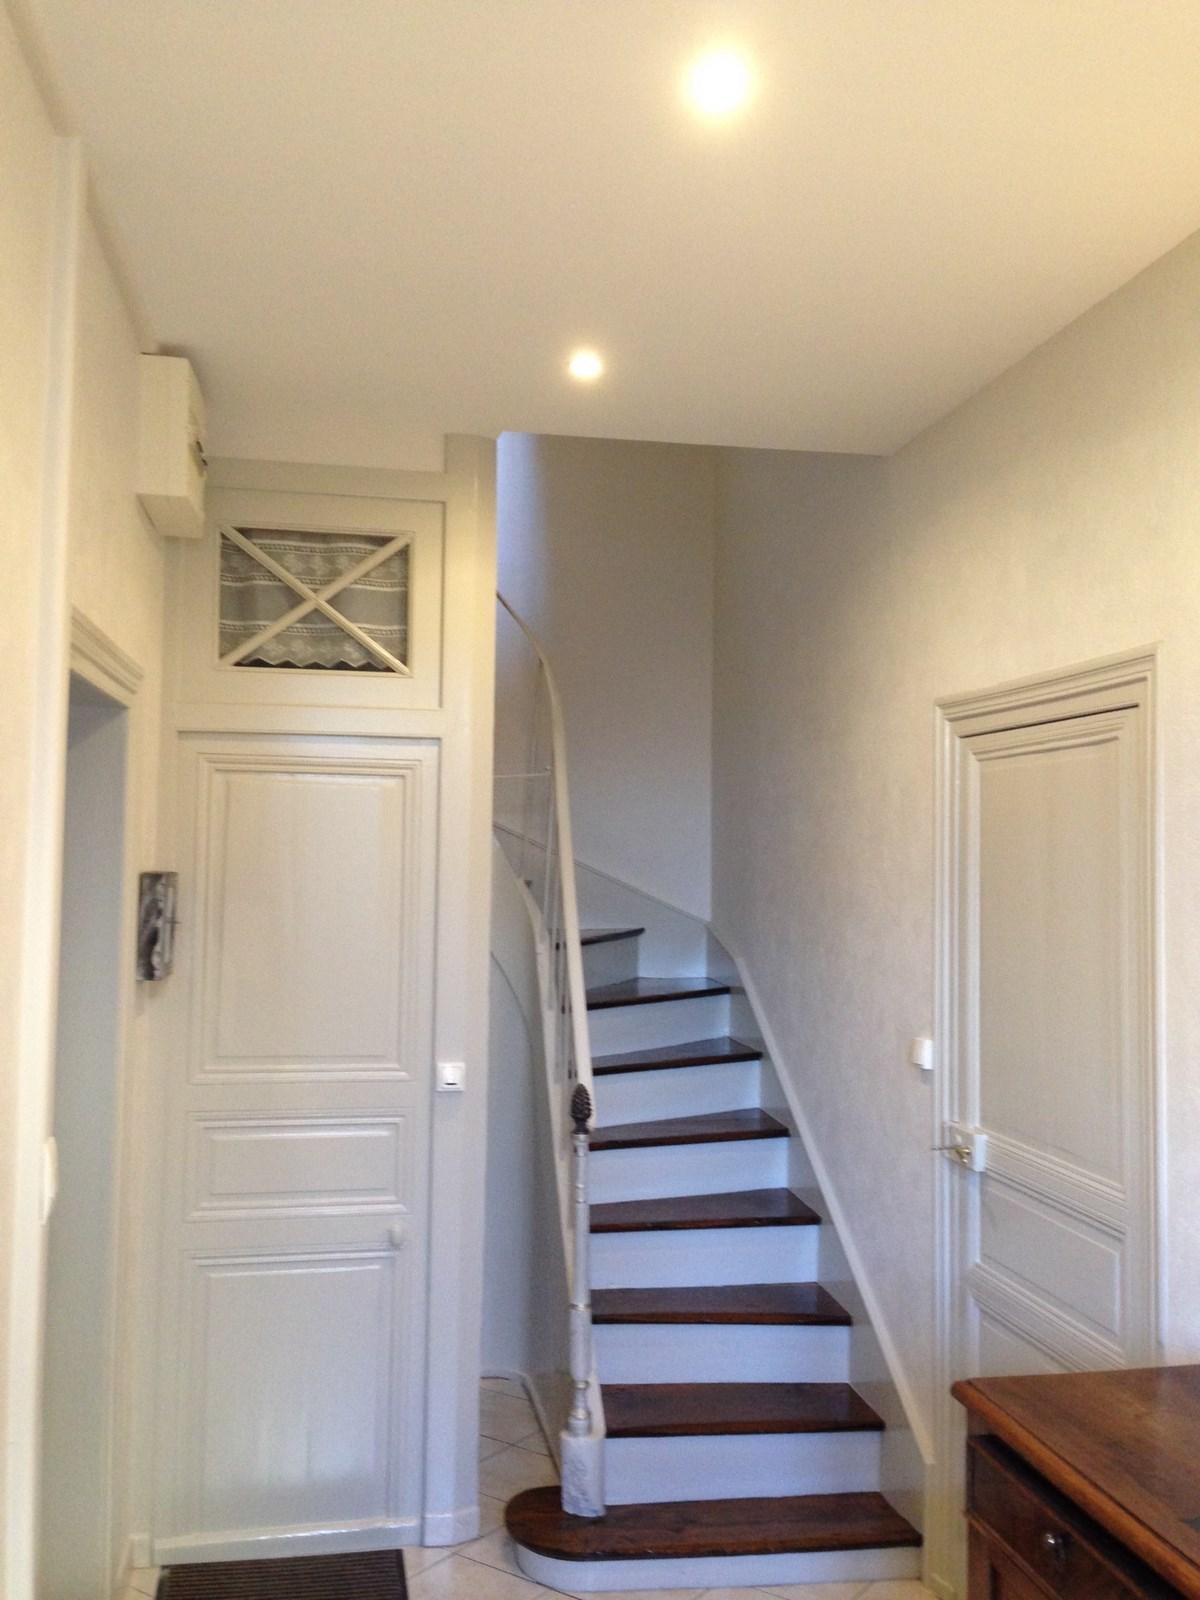 apres travaux termin faux plafond toile a peindre sur les murs. Black Bedroom Furniture Sets. Home Design Ideas